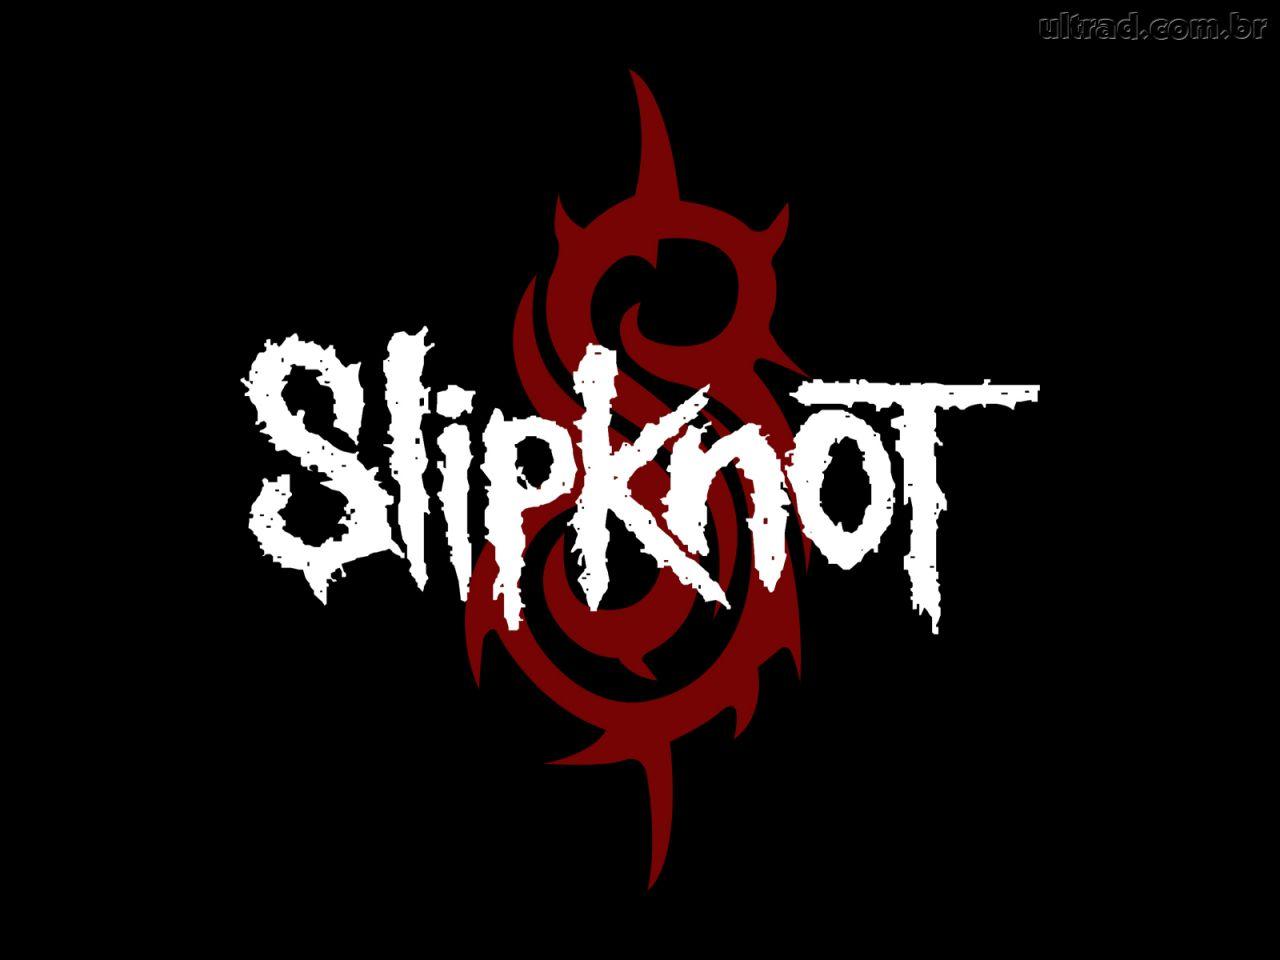 Papel de Parede Slipknot 1280x960